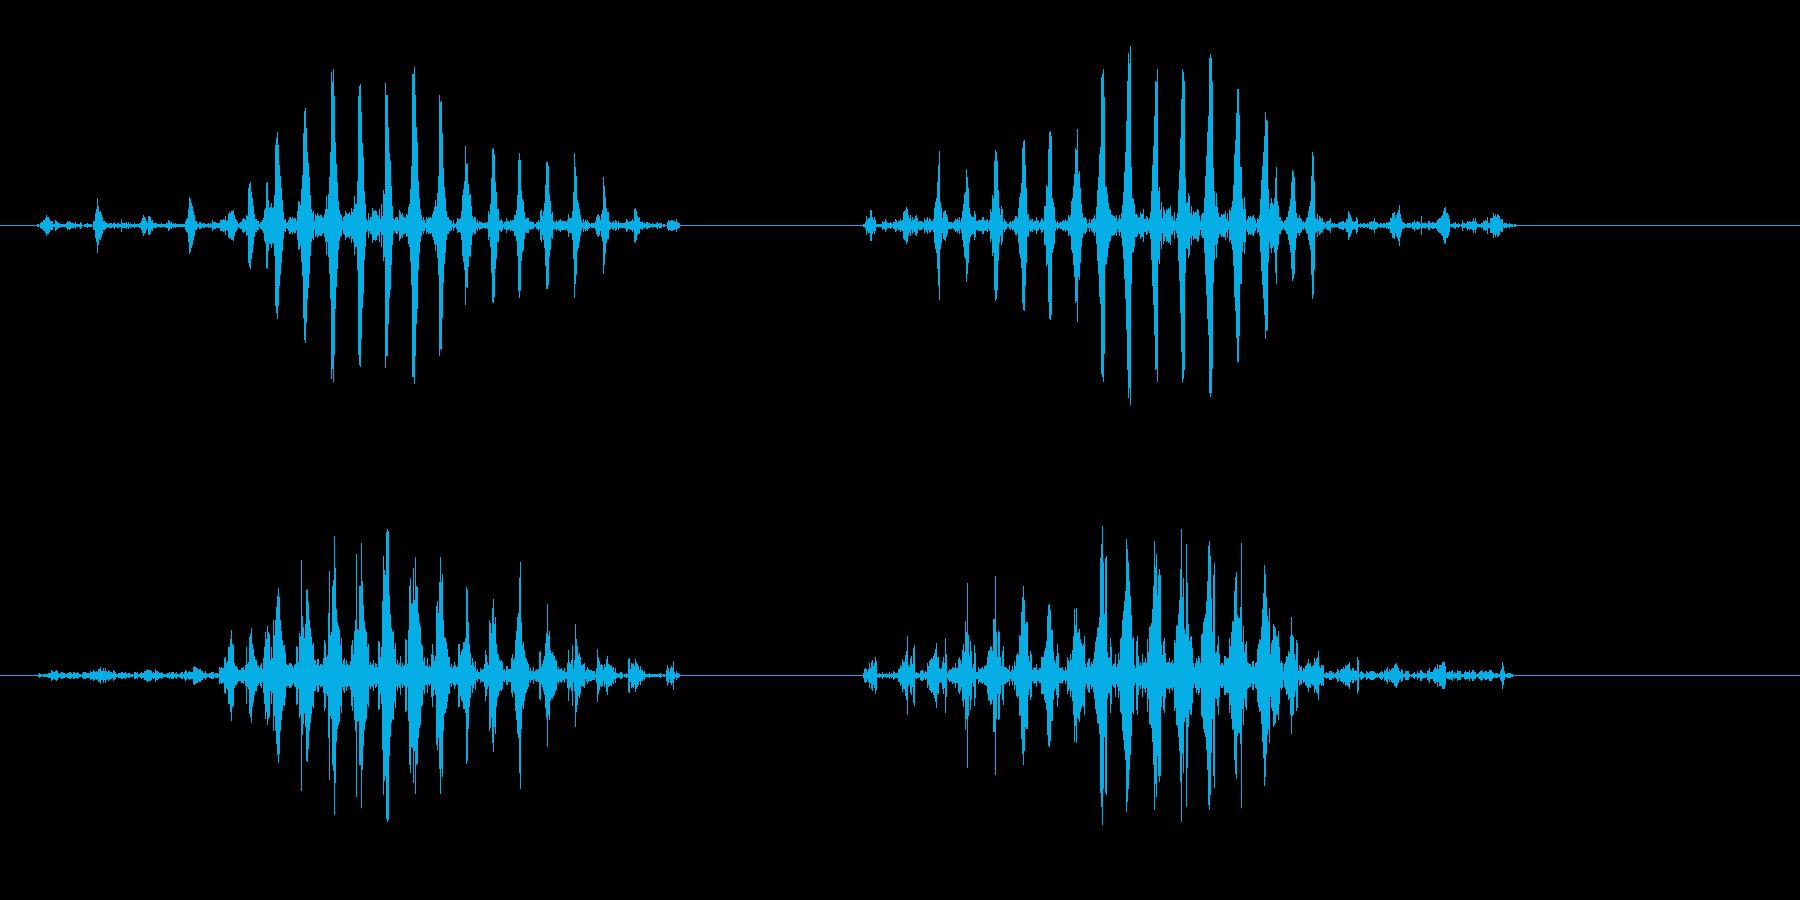 クワックワッ(リアルなアヒルの鳴き声)の再生済みの波形